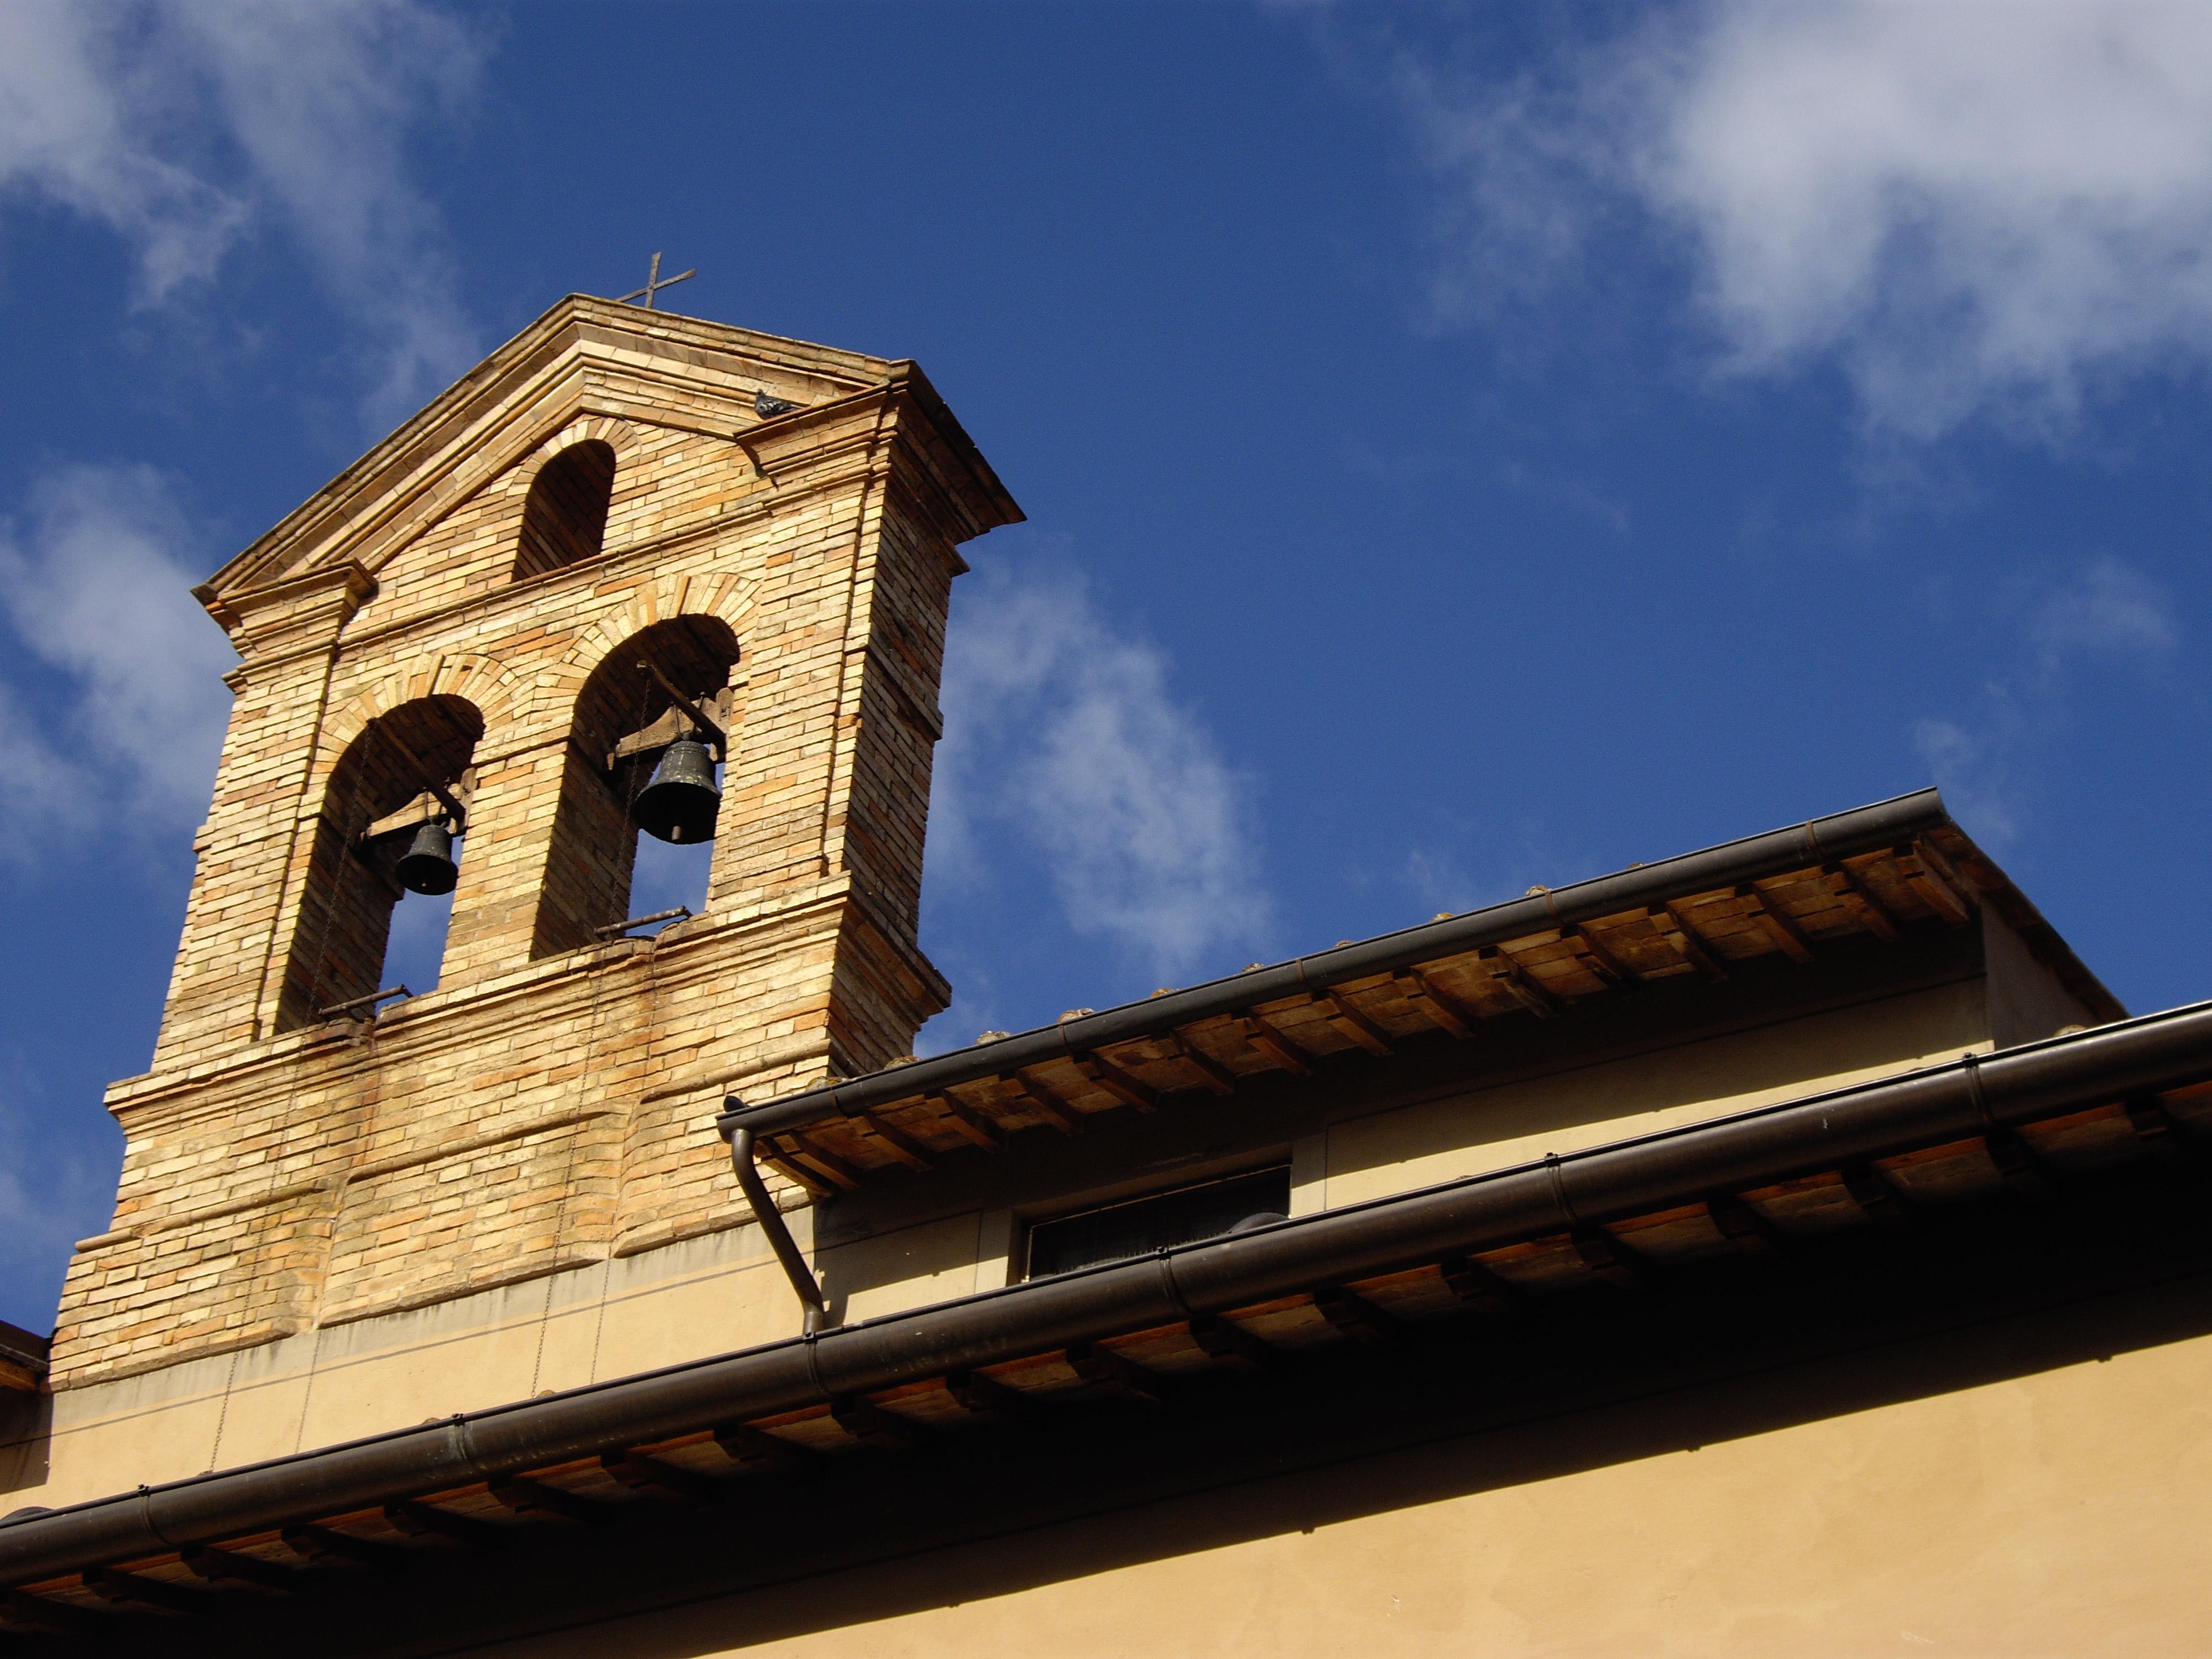 file sansepolcro church bells against the sky jpg wikimedia commons rh commons wikimedia org